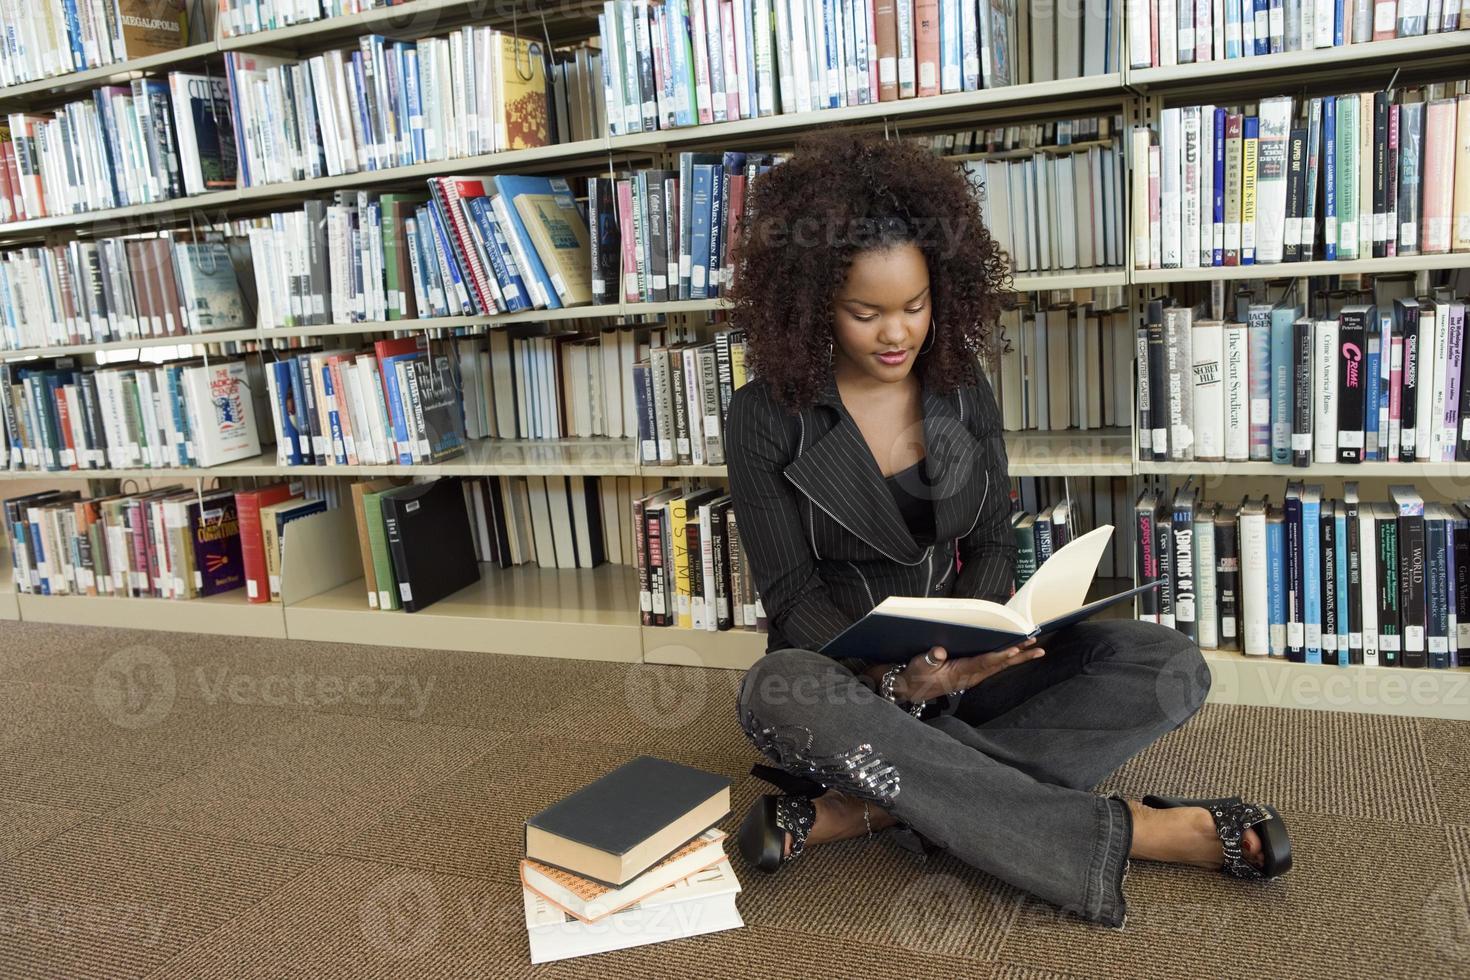 jovem mulher na biblioteca foto